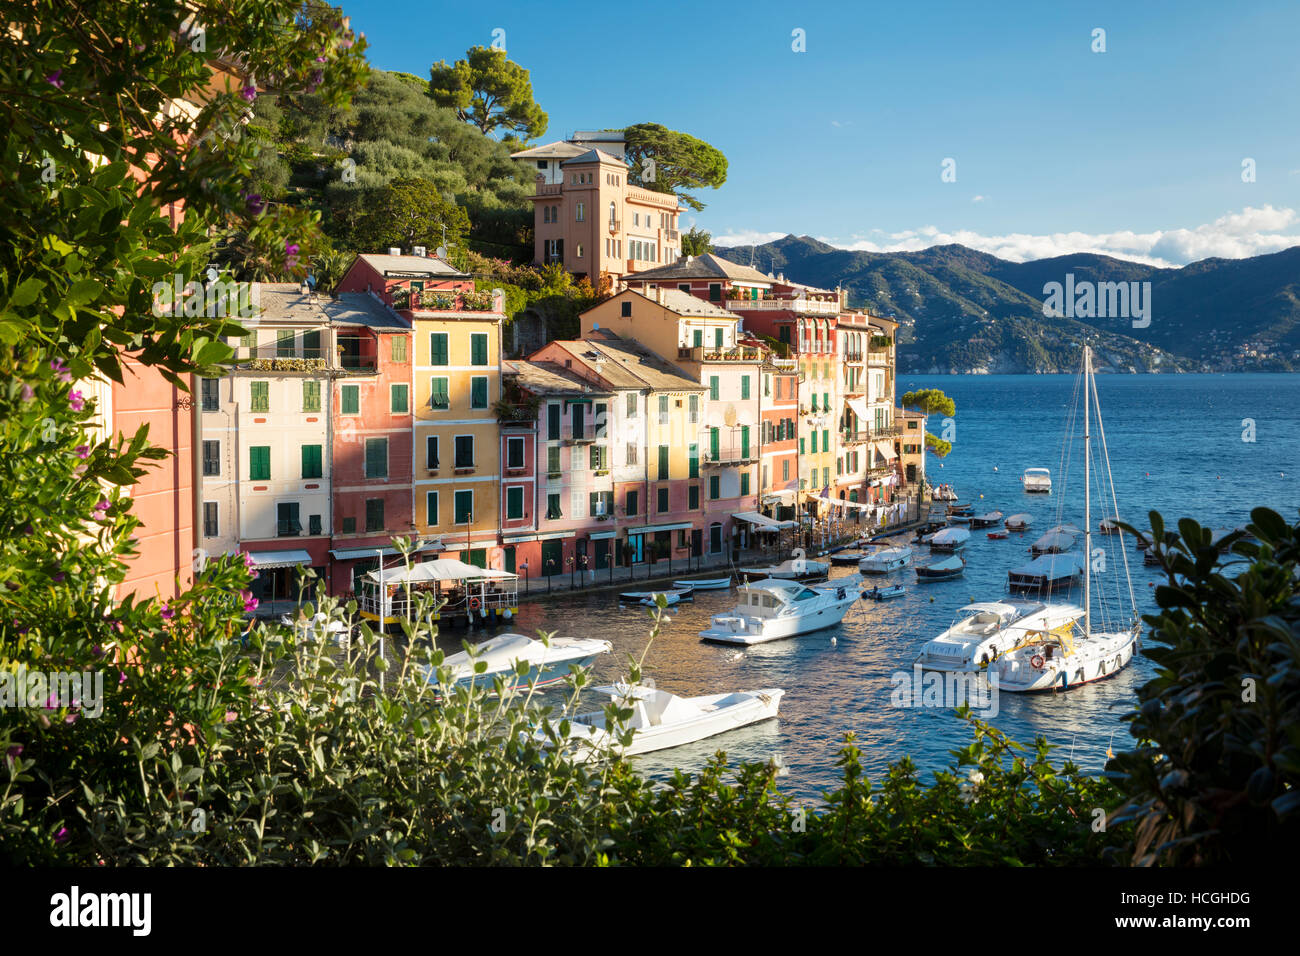 La mattina presto vista sulla cittadina portuale di Portofino, Liguria, Italia Immagini Stock